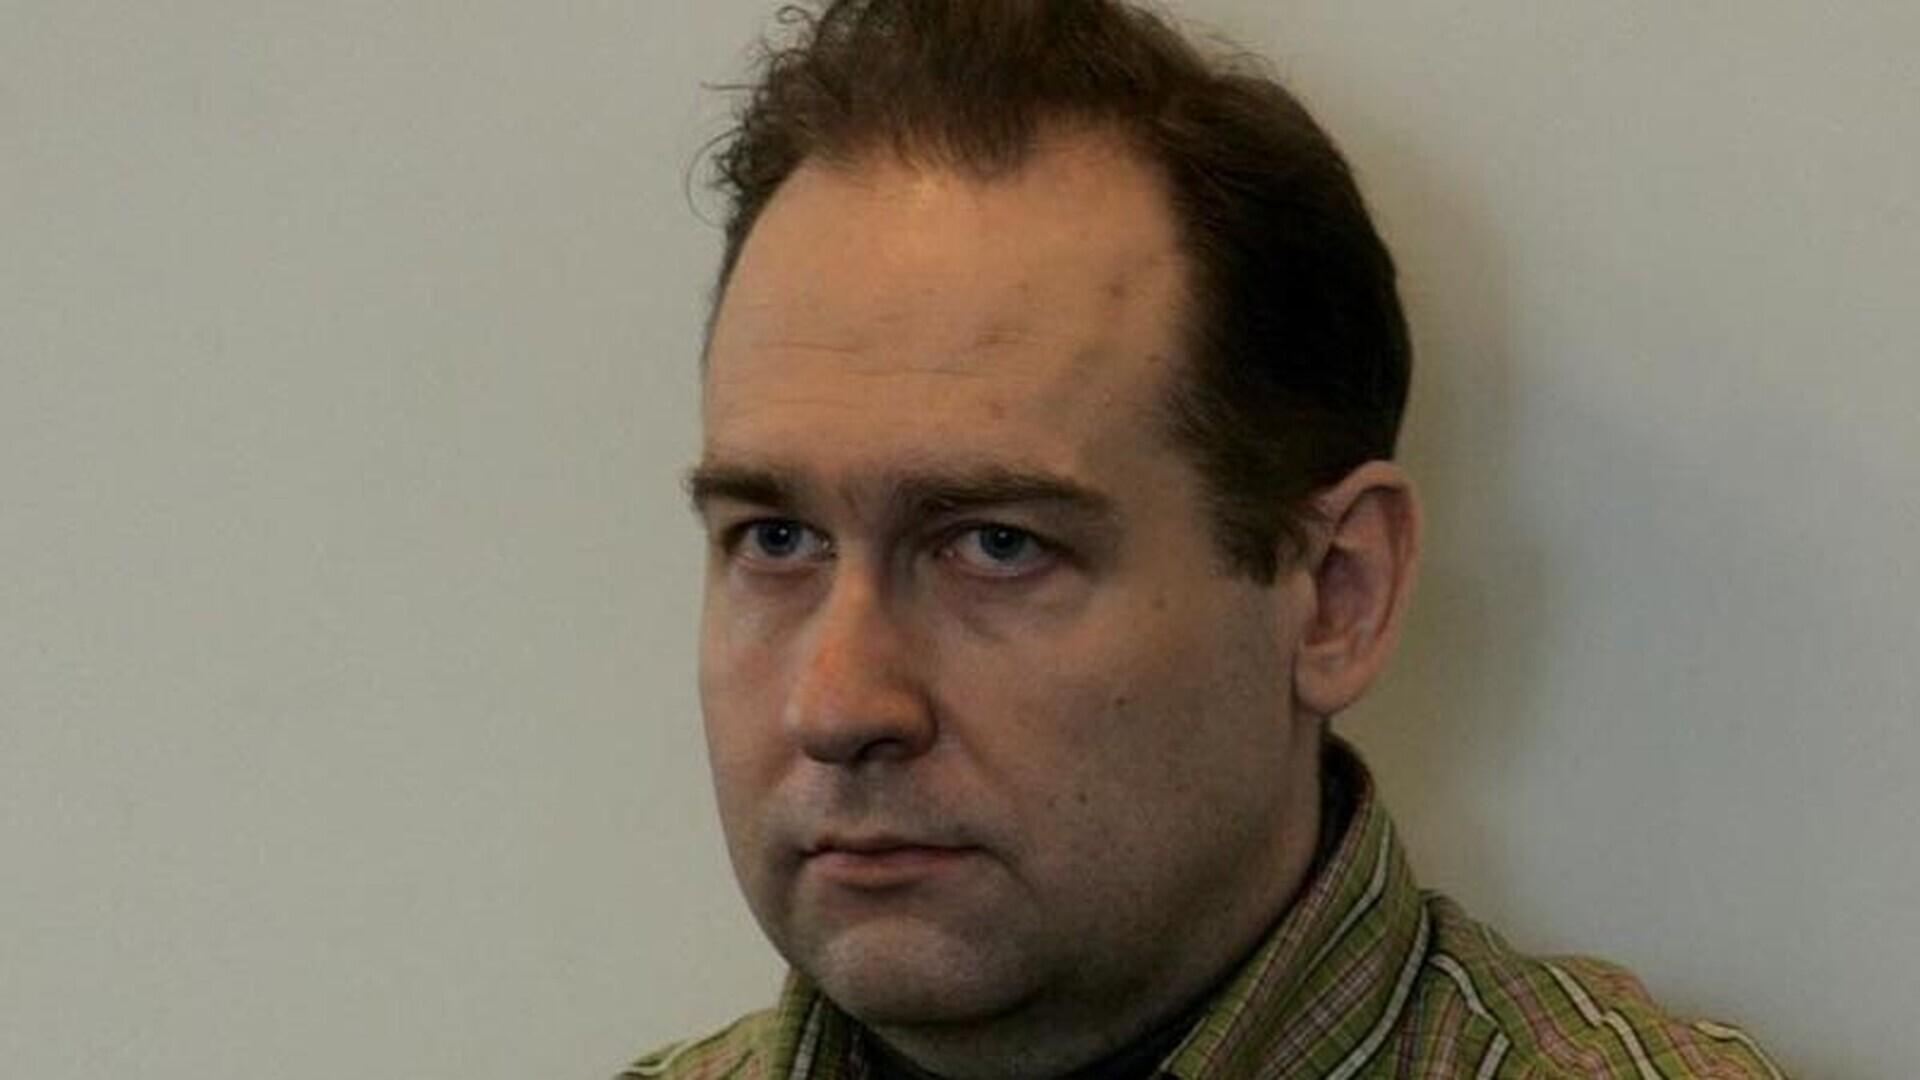 97fbc086307 Pedofiil Toomas Meola vanglakaristus jäi jõusse | Eesti | ERR